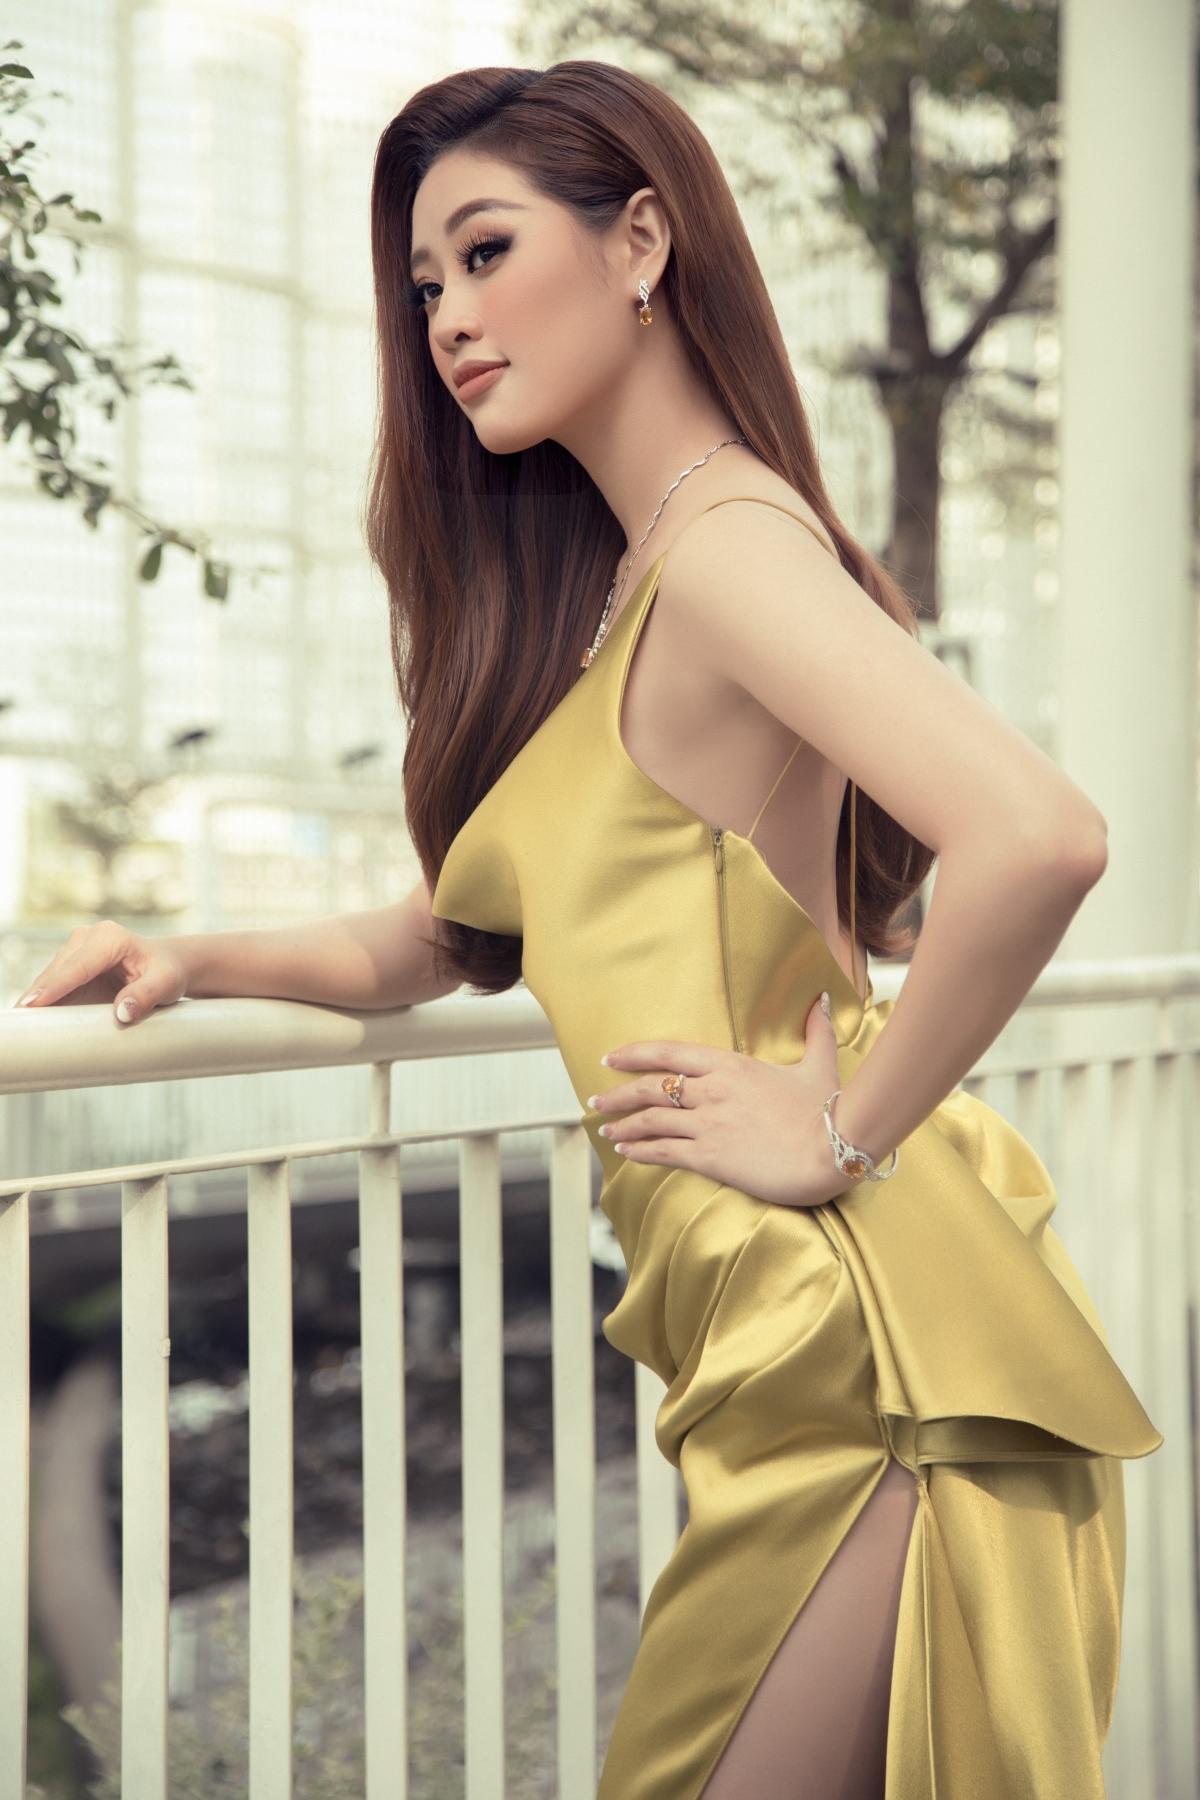 Nguyễn Trần Khánh Vân sinh năm 1995 tại TP.HCM, đăng quang Hoa hậu Hoàn vũ Việt Nam 2019, hiện hoạt động với vai trò người mẫu, diễn viên.